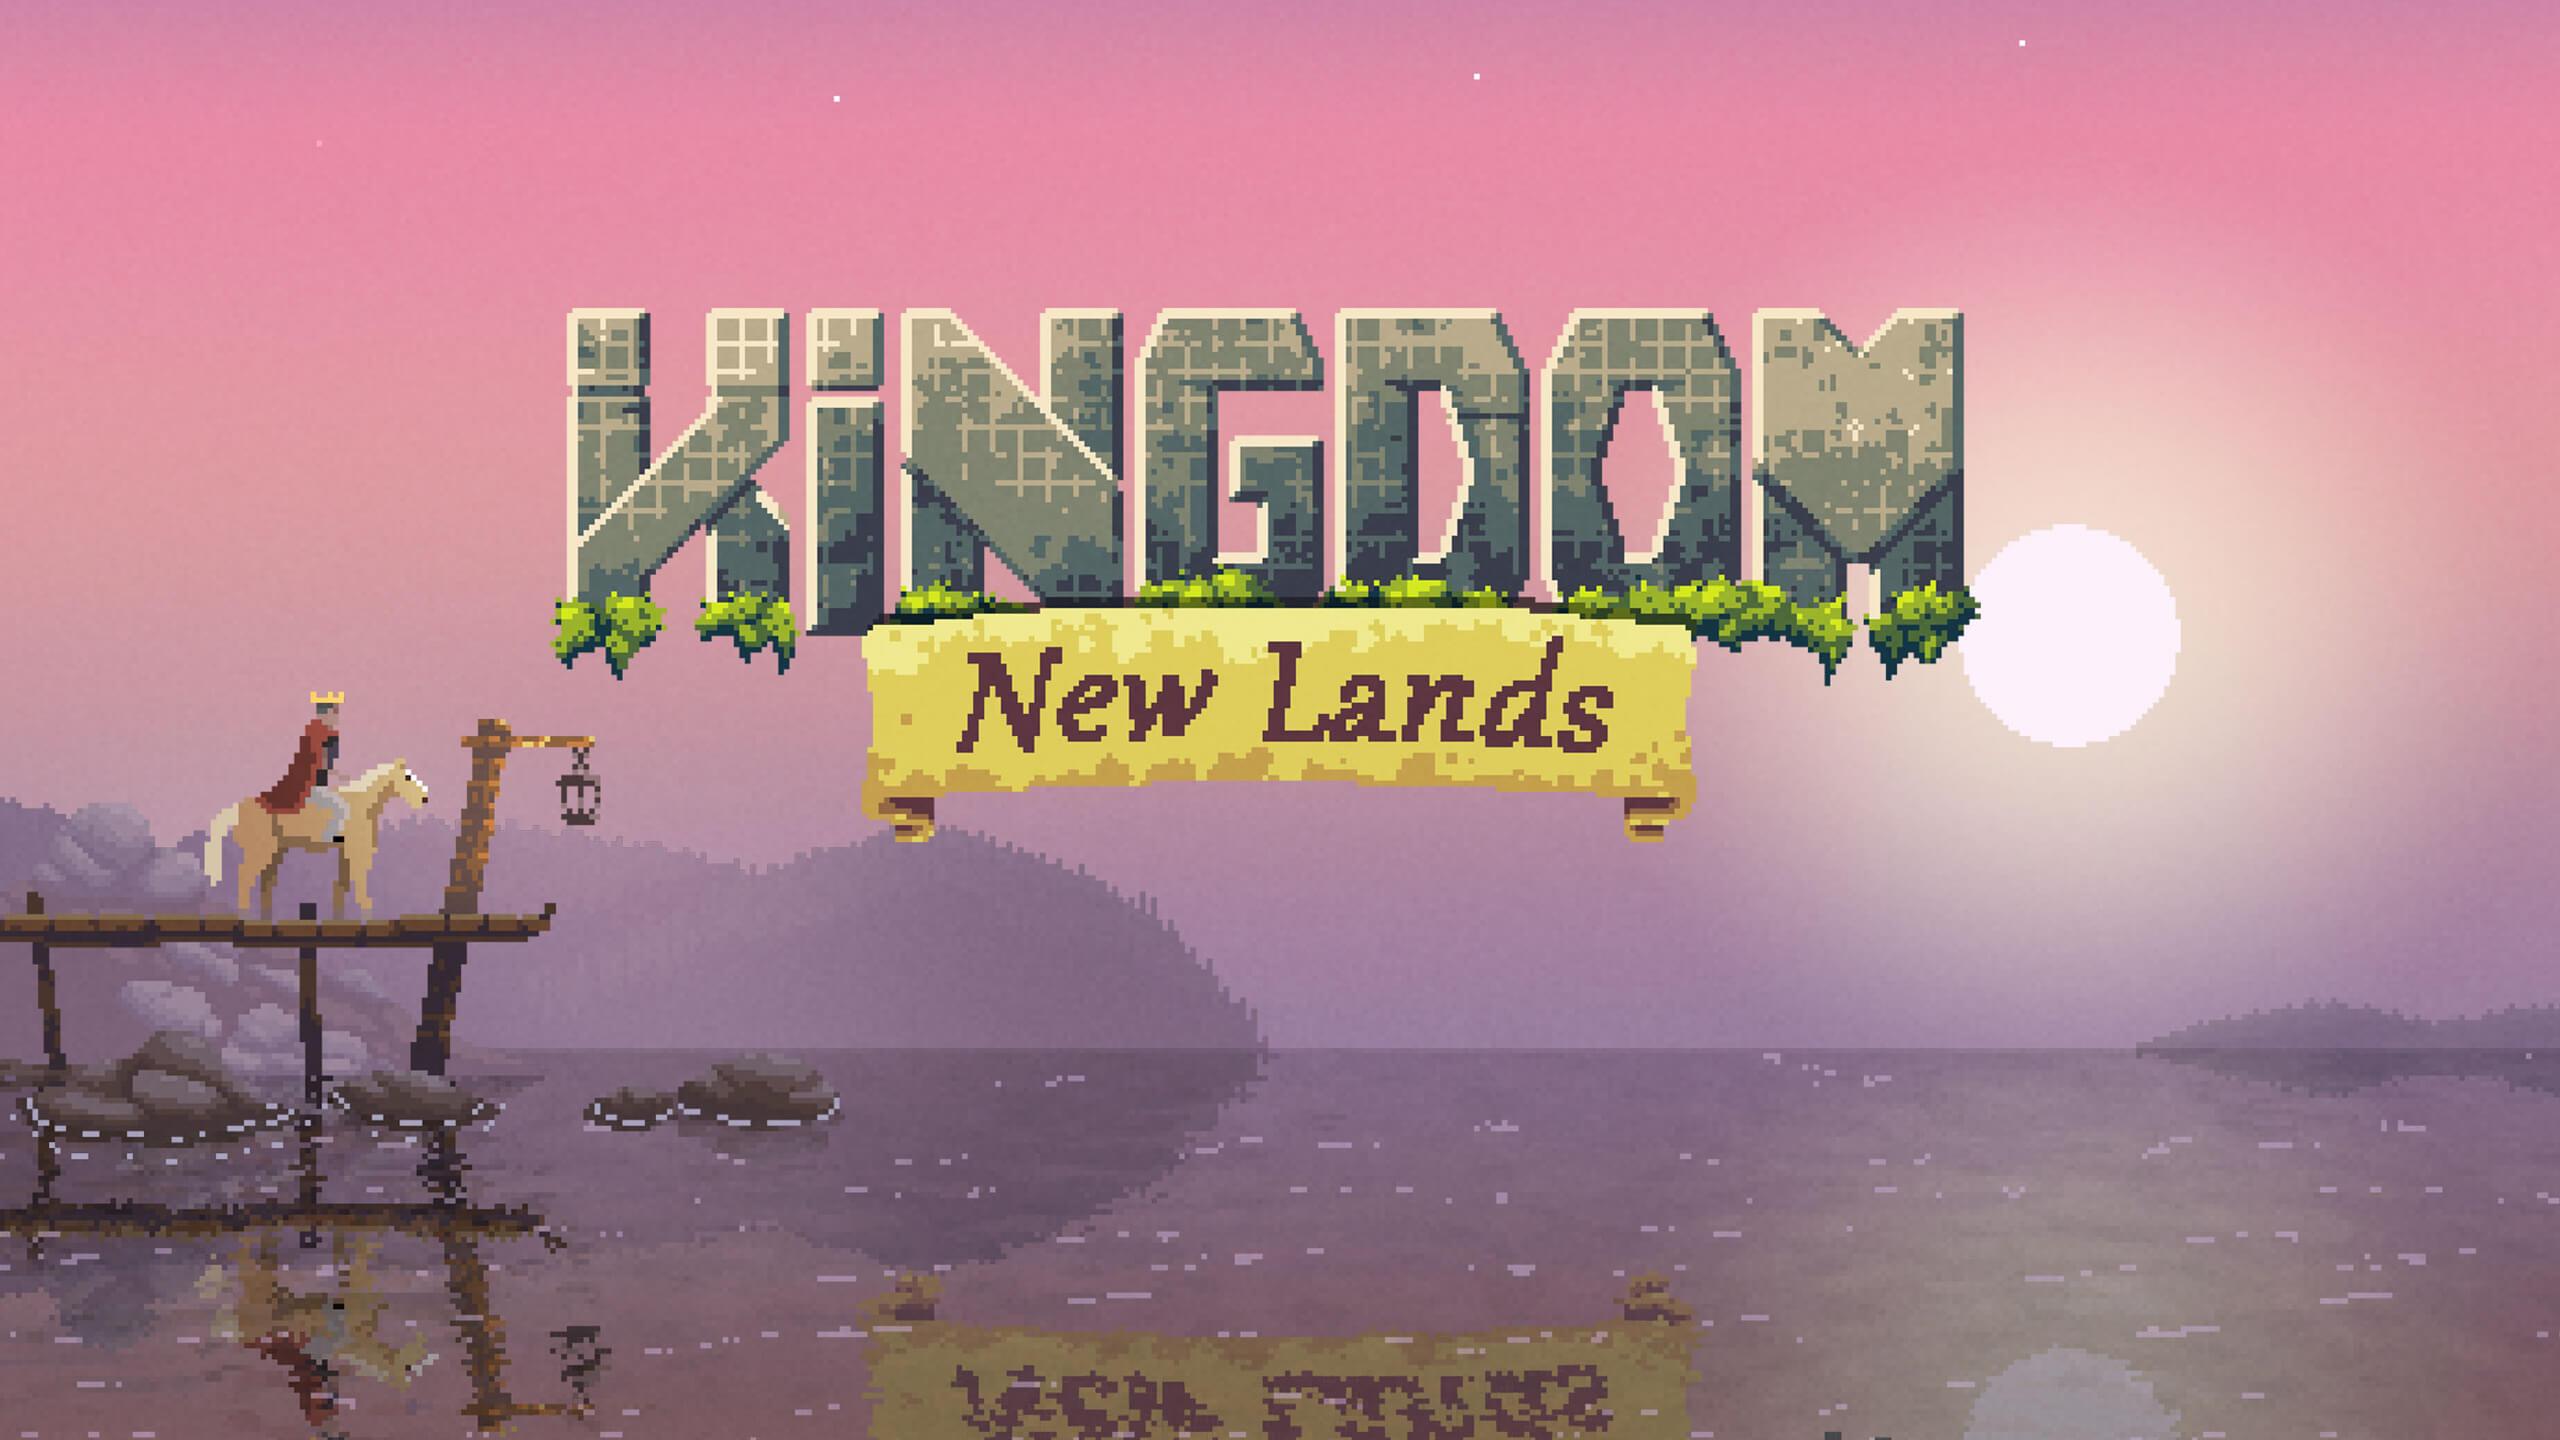 支配者よ、雄々しく、最後まで戦い抜け。この新たな地に征服されぬように。『Kingdom New Lands』は6月13日 10:59(東部標準時間)まで無料です!